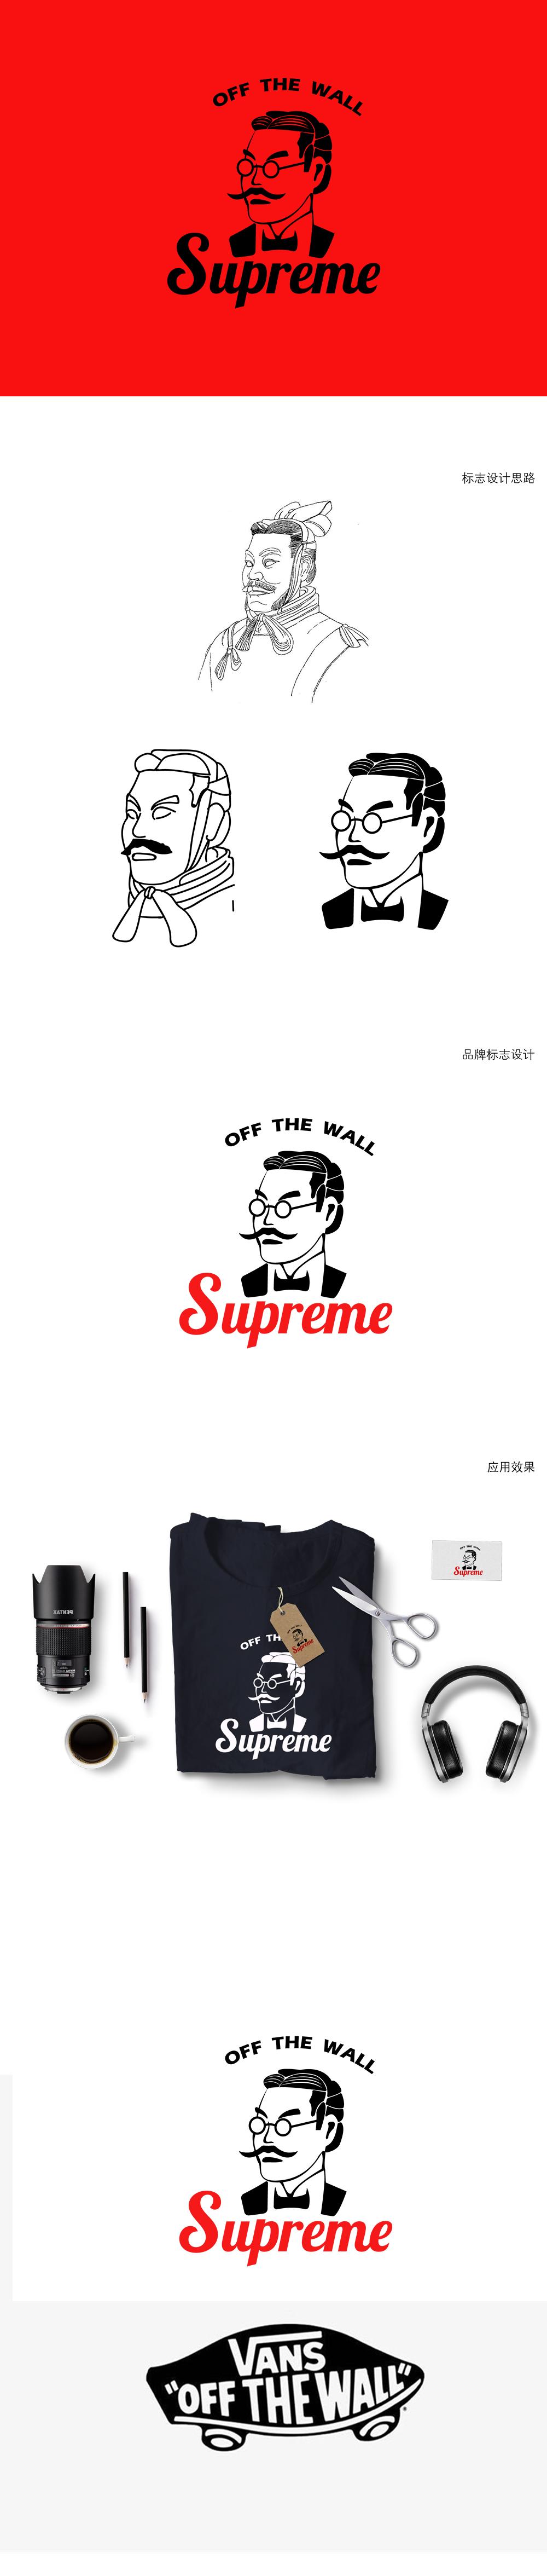 潮牌服饰 logo 设计